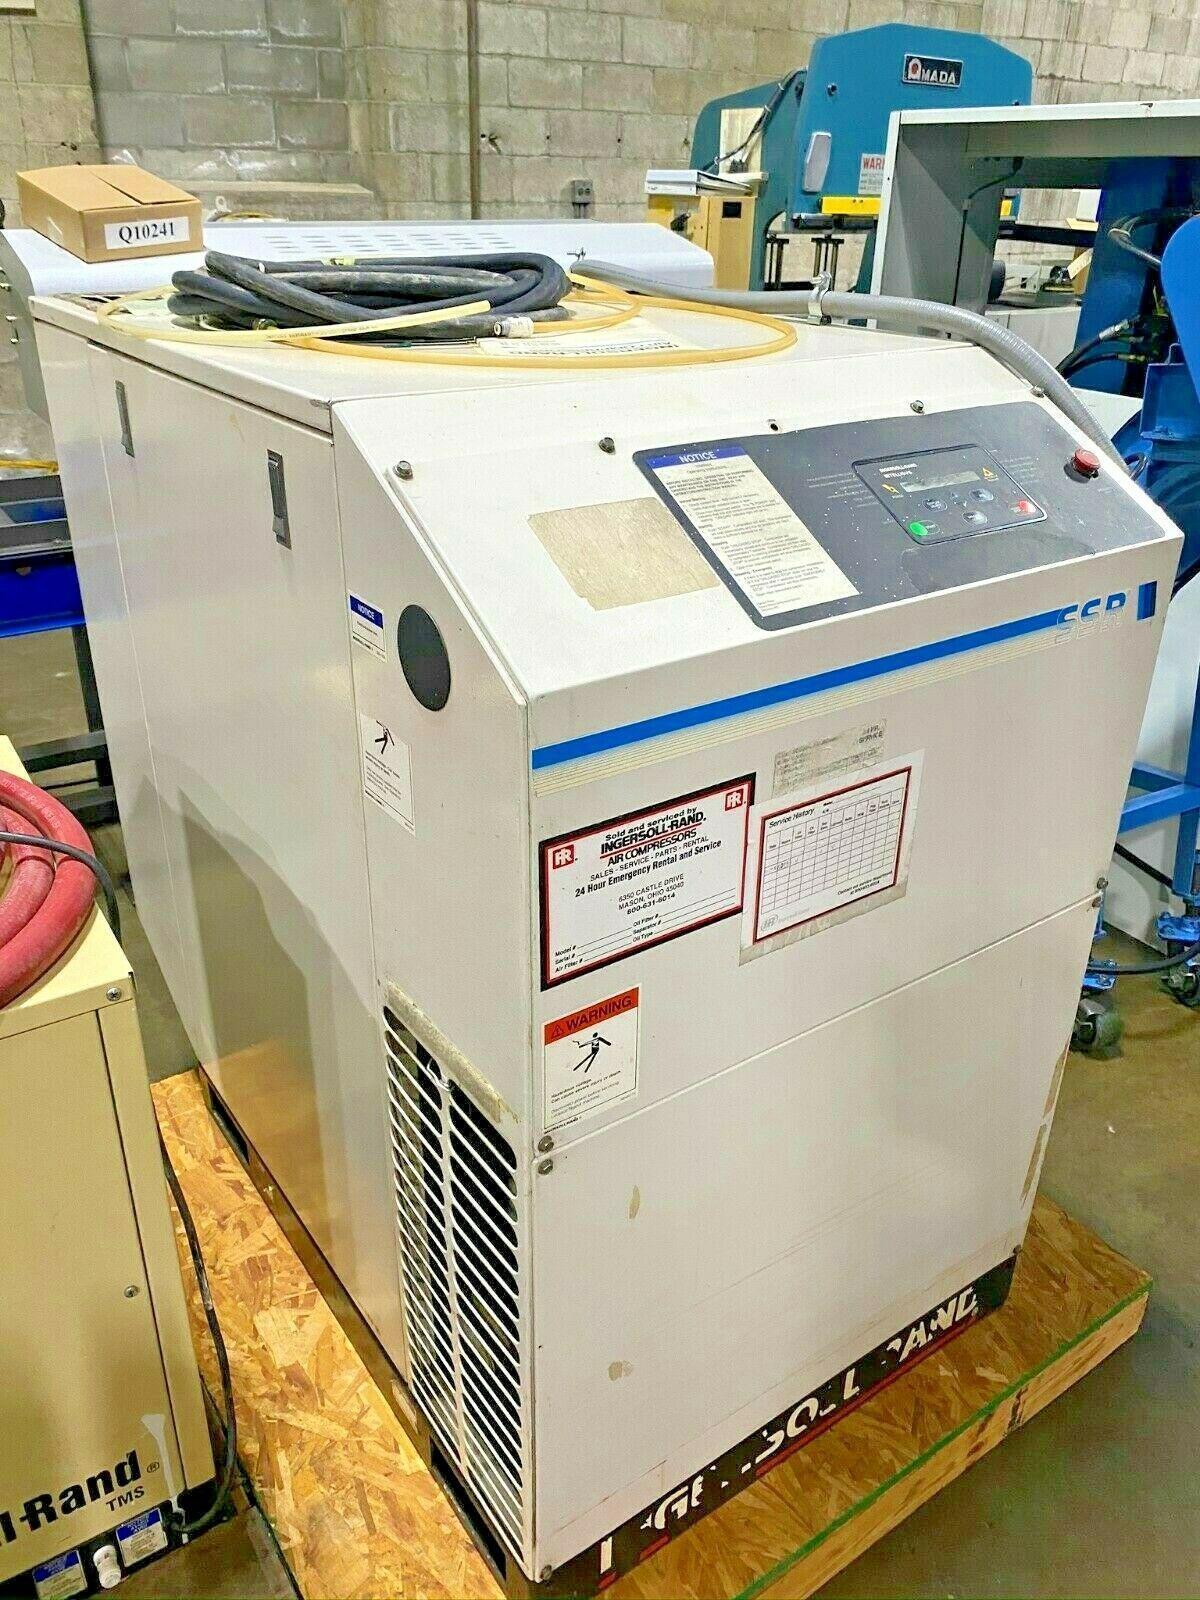 INGERSOLL RAND SSR-EP25SE COMPRESSOR & Dryer TMS0100, 25 HP Compressor & Dryer